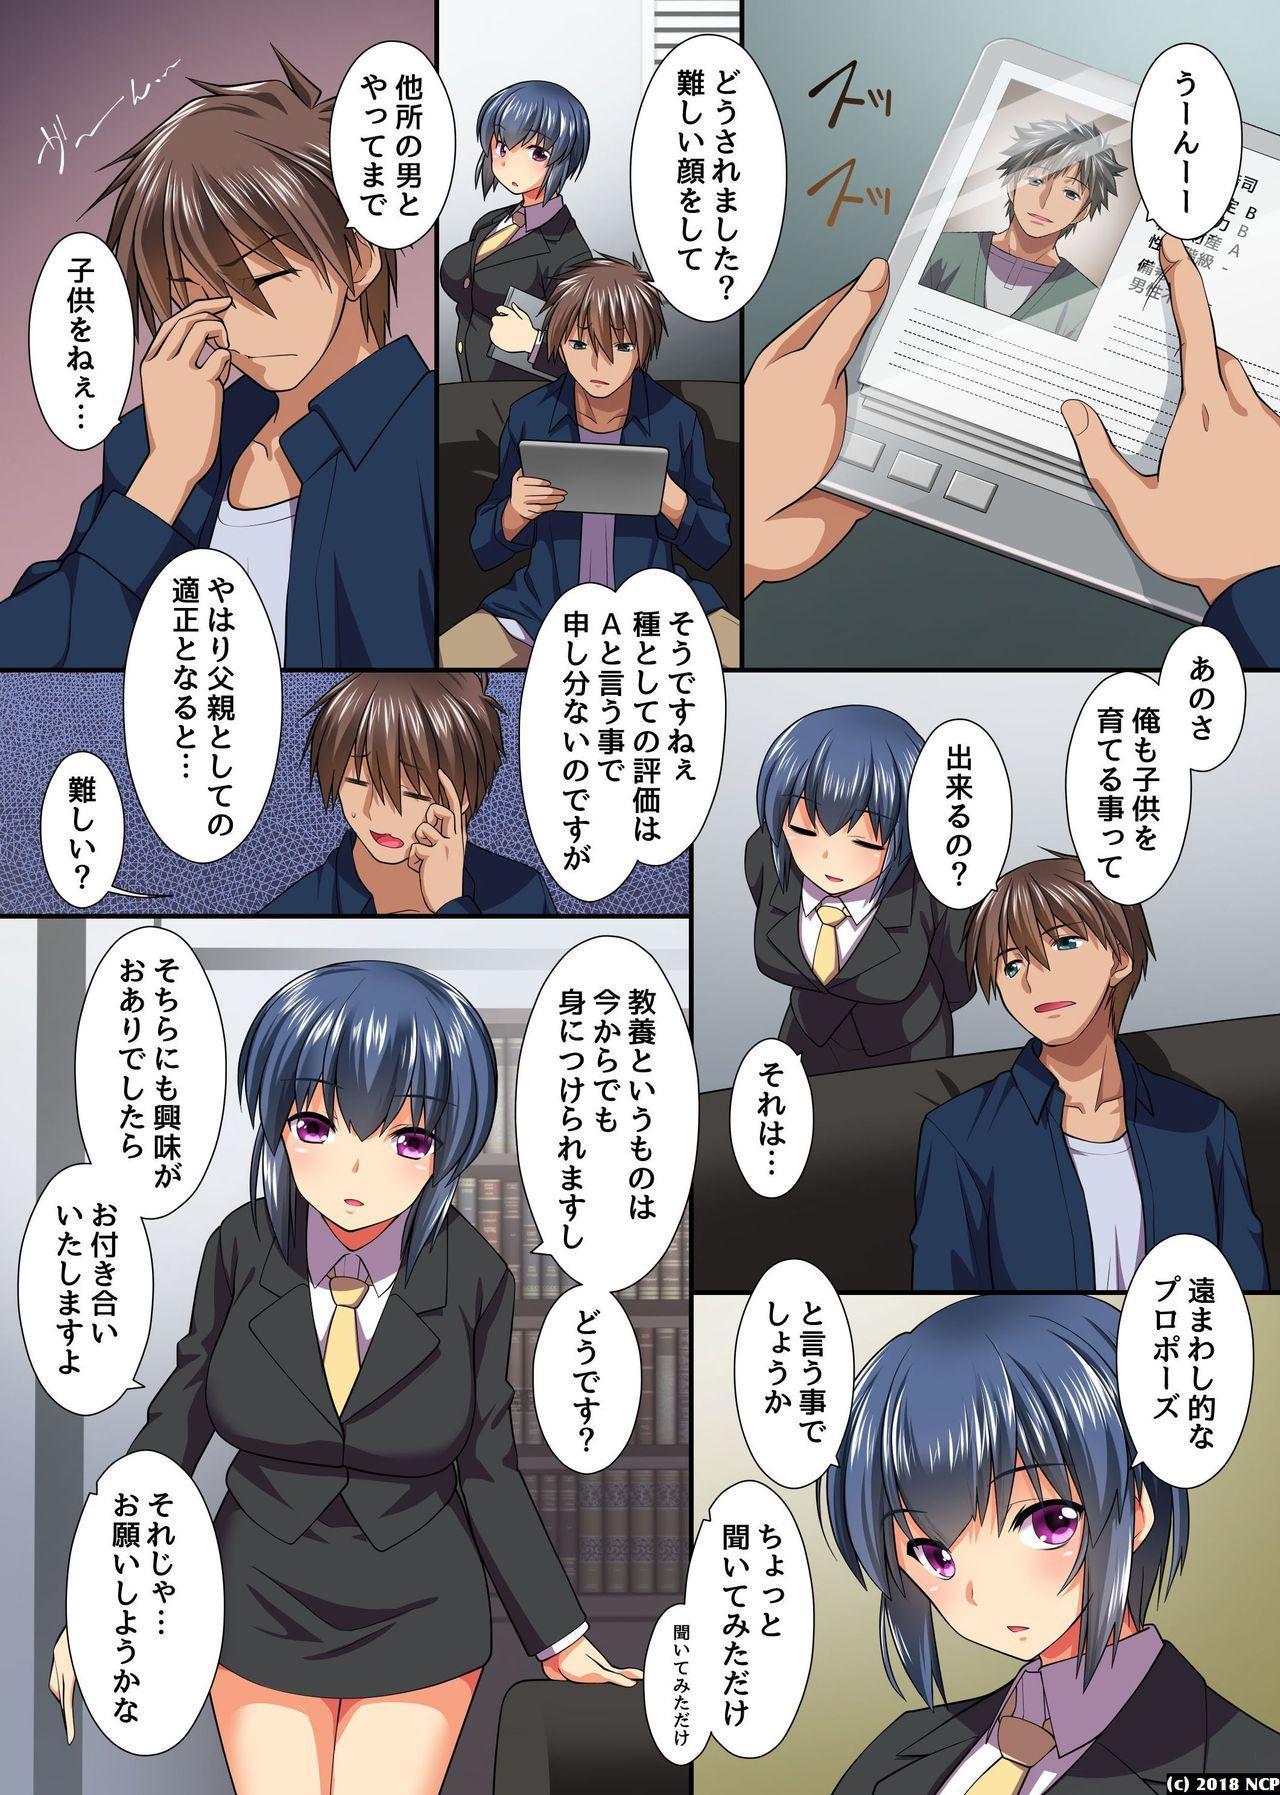 Hitozuma tomo gou hou teki niyari houdai~Seishi wo watashi no chitsu ni buchikonde kudasai! 21